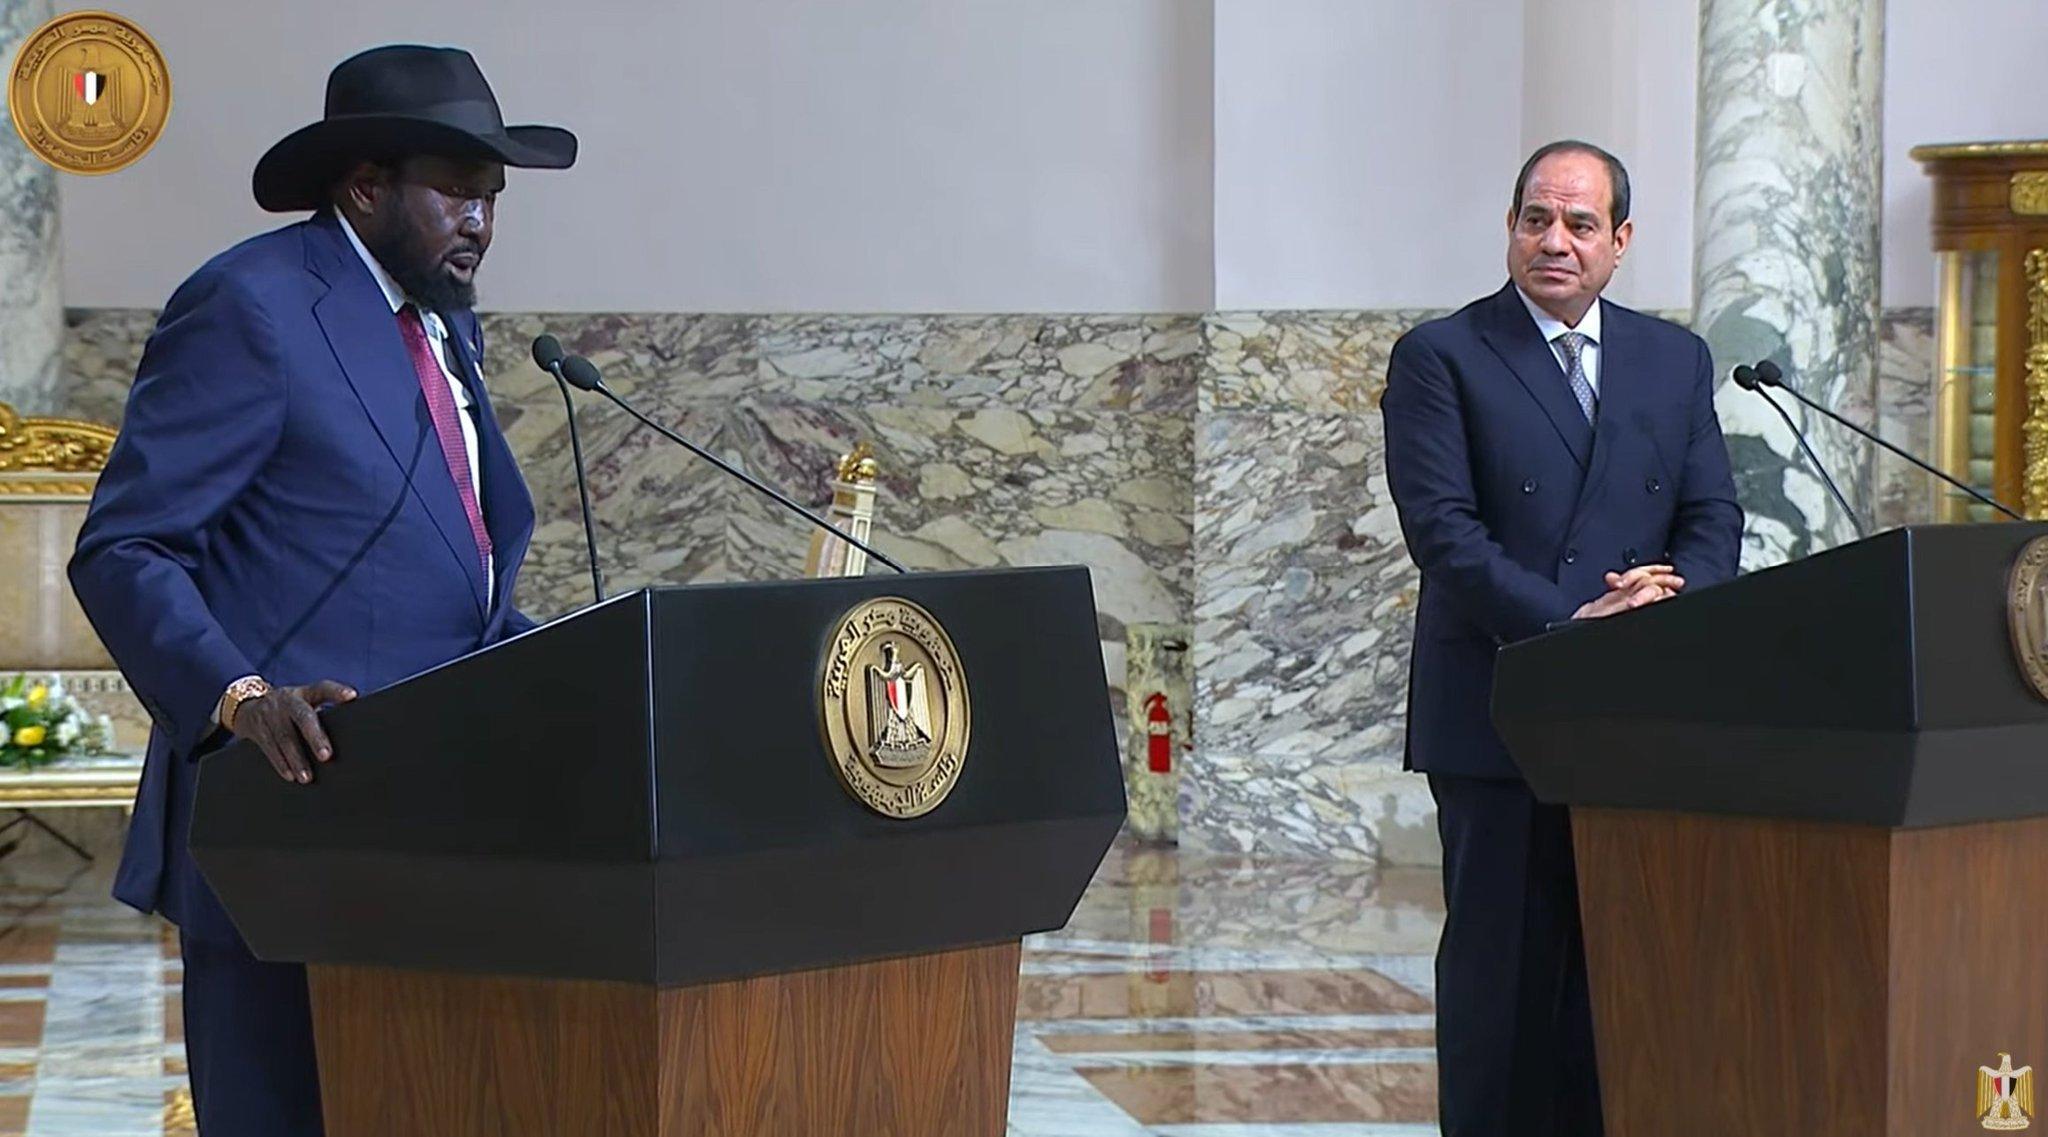 السيسي جنوب السودان , السيسي وجنوب السودان , مصر وجنوب السودان اليوم, العلاقات بين مصر وجنوب السودان , موقف مصر من جنوب السودان